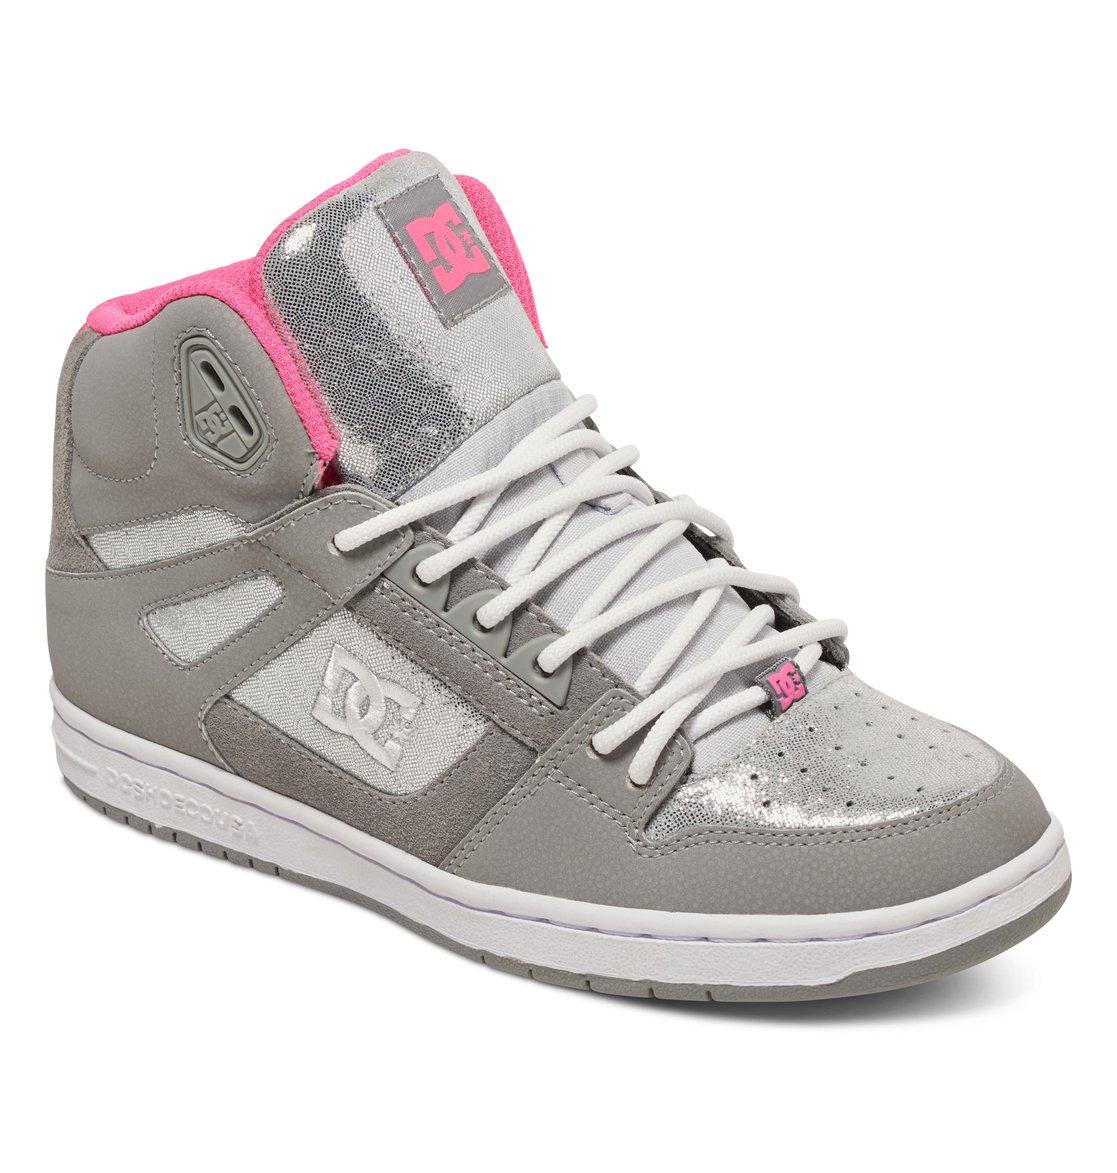 Кеды женские DC Shoes Rebound High SE, цвет: серый. 320028-SIL. Размер 7B (38)320028-SILКлассические высокие женские кеды Rebound High SE от DC Shoes обеспечивают максимальный комфорт и поддержку благодаря вспененному манжету и язычку, а также конструкции ботинка Cupsole. Пластиковые верхние люверсы для дополнительной шнуровки и плоские шнурки надежно фиксируют модель на ноге. Сетчатая дышащая подкладка обеспечивает комфорт во время движения. Гибкая резиновая подошва дополнена фирменным цепким протектор Pill Pattern.Модель оформлена нашивкой с фирменным логотипом на язычке, а также вышитым сбоку фирменным логотипом бренда.Выигрышное сочетание натуральной кожи, замши и премиум текстиля обеспечит не только долговечность и надежность конструкции, но и отличный внешний вид, добавляющий стиля городскому луку.